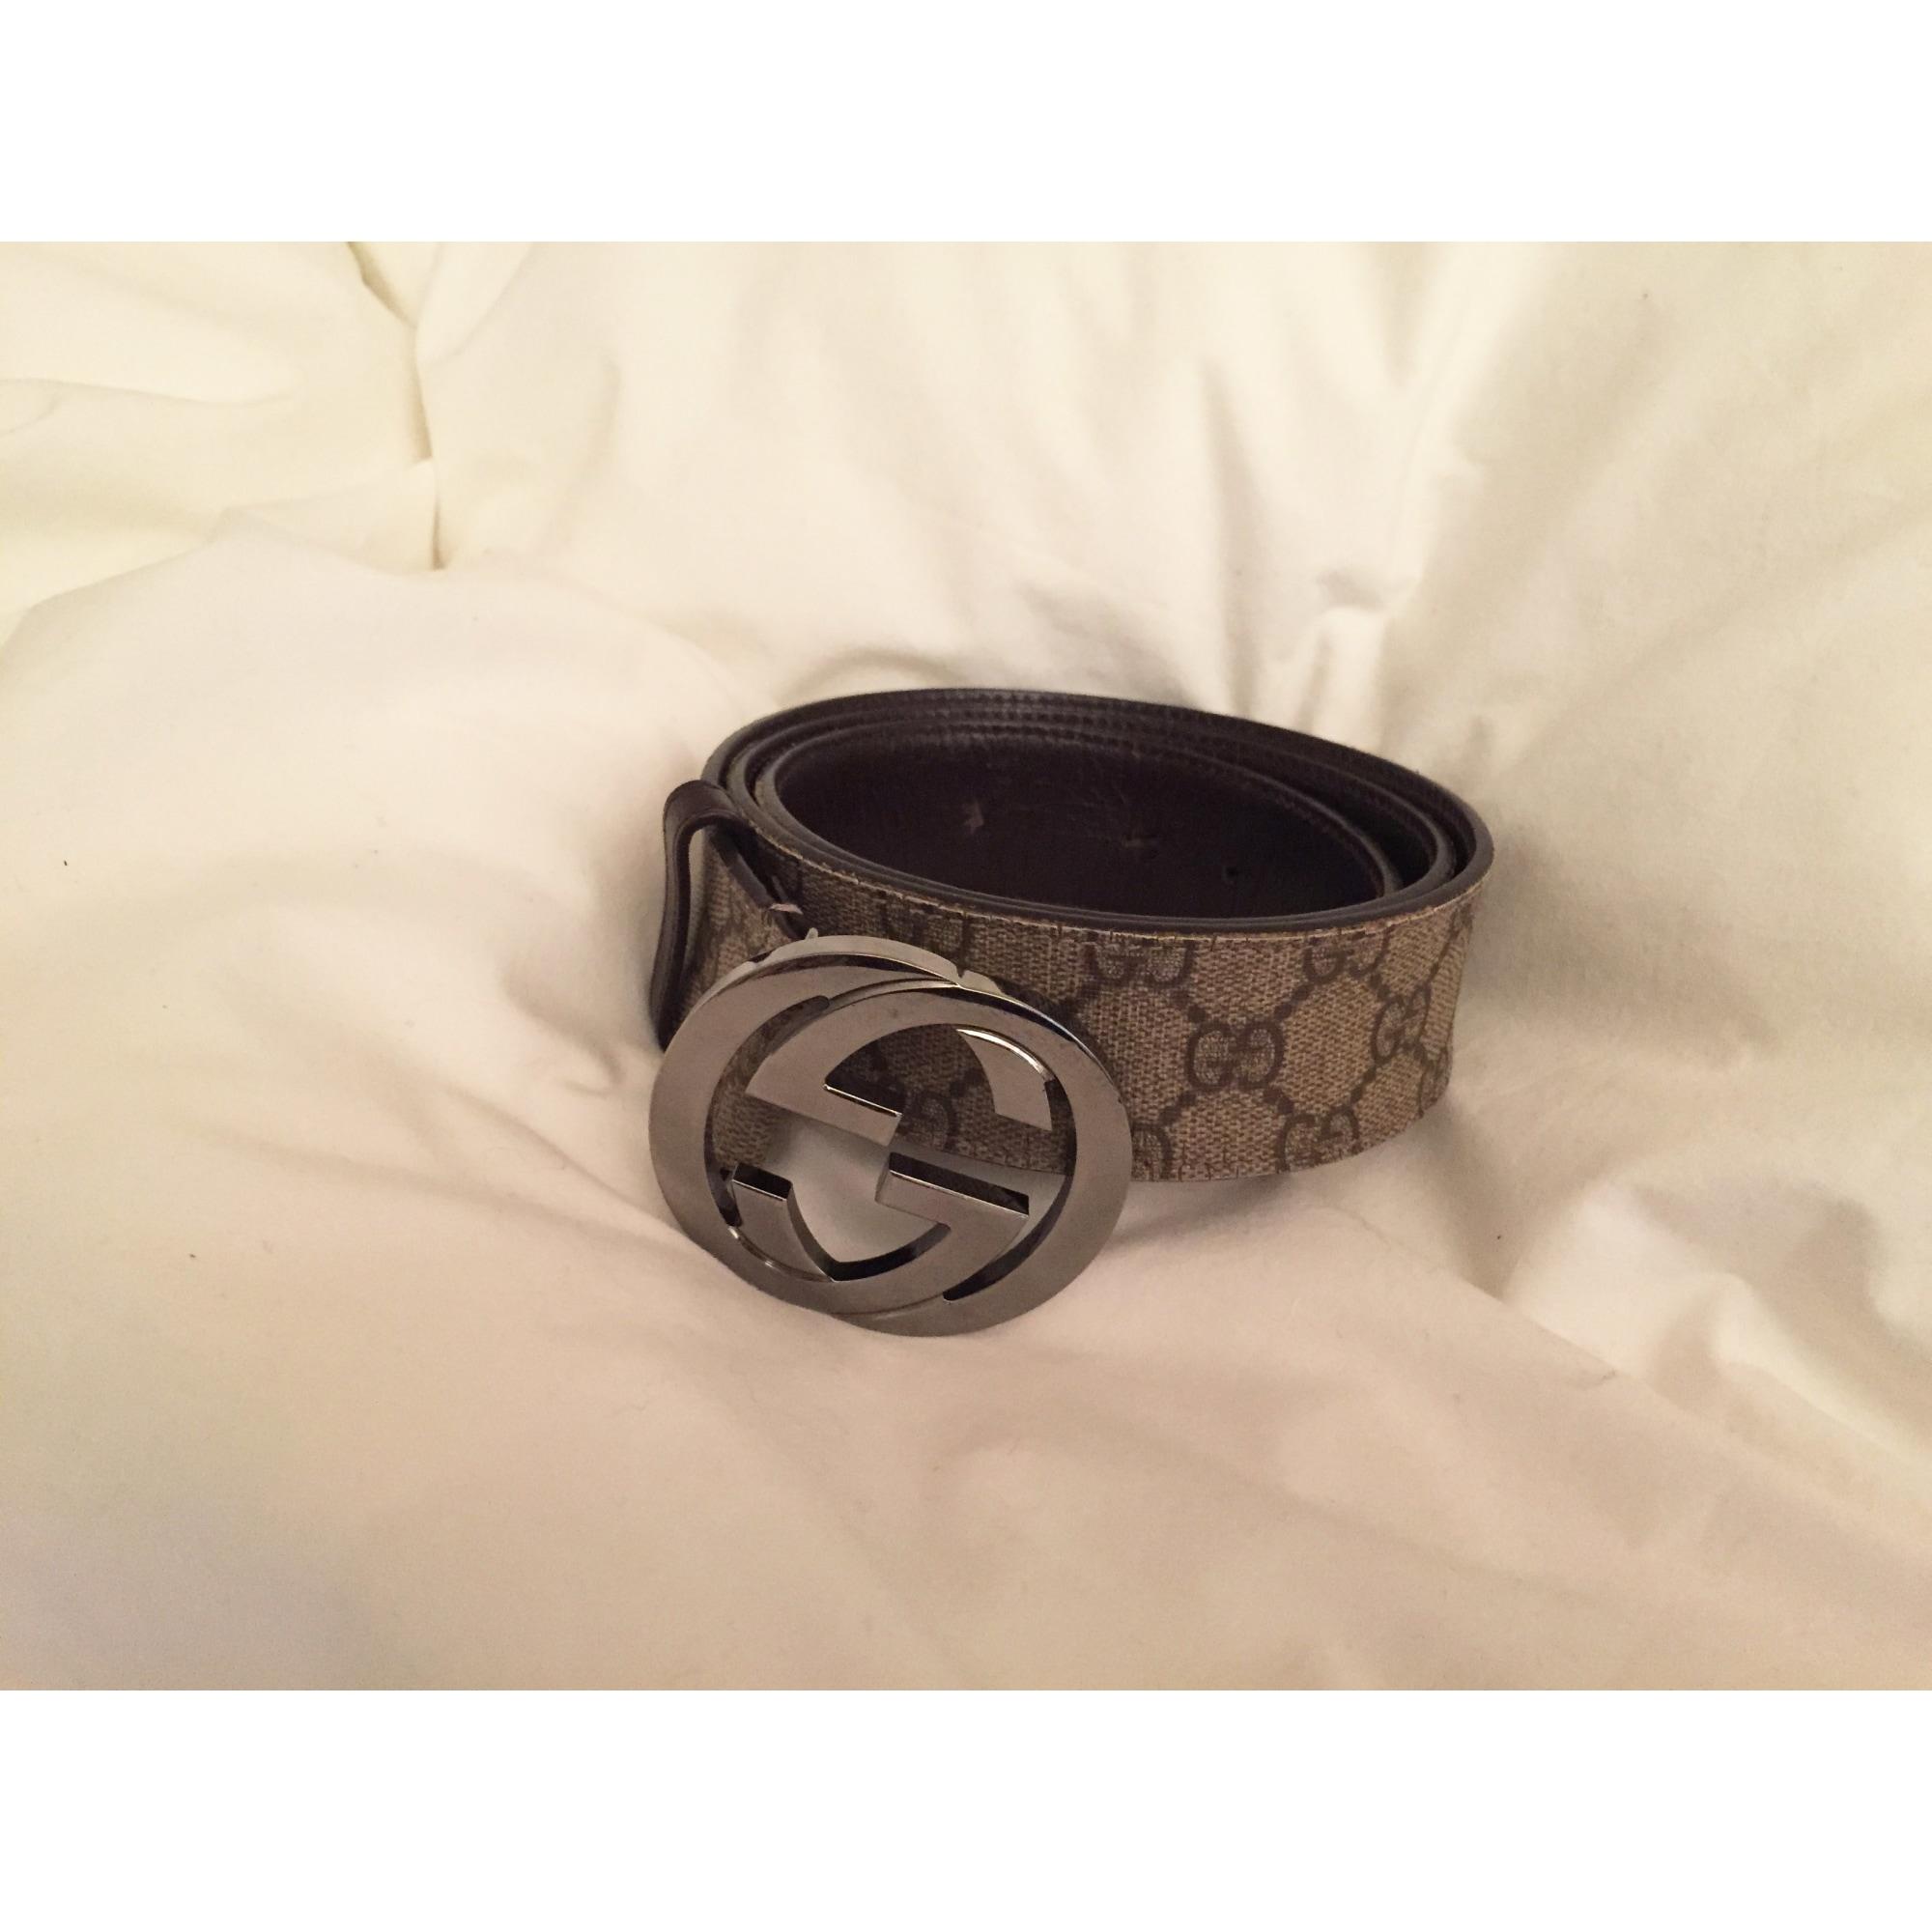 Ceinture GUCCI 110 marron vendu par Athom - 3285630 49a613b1013